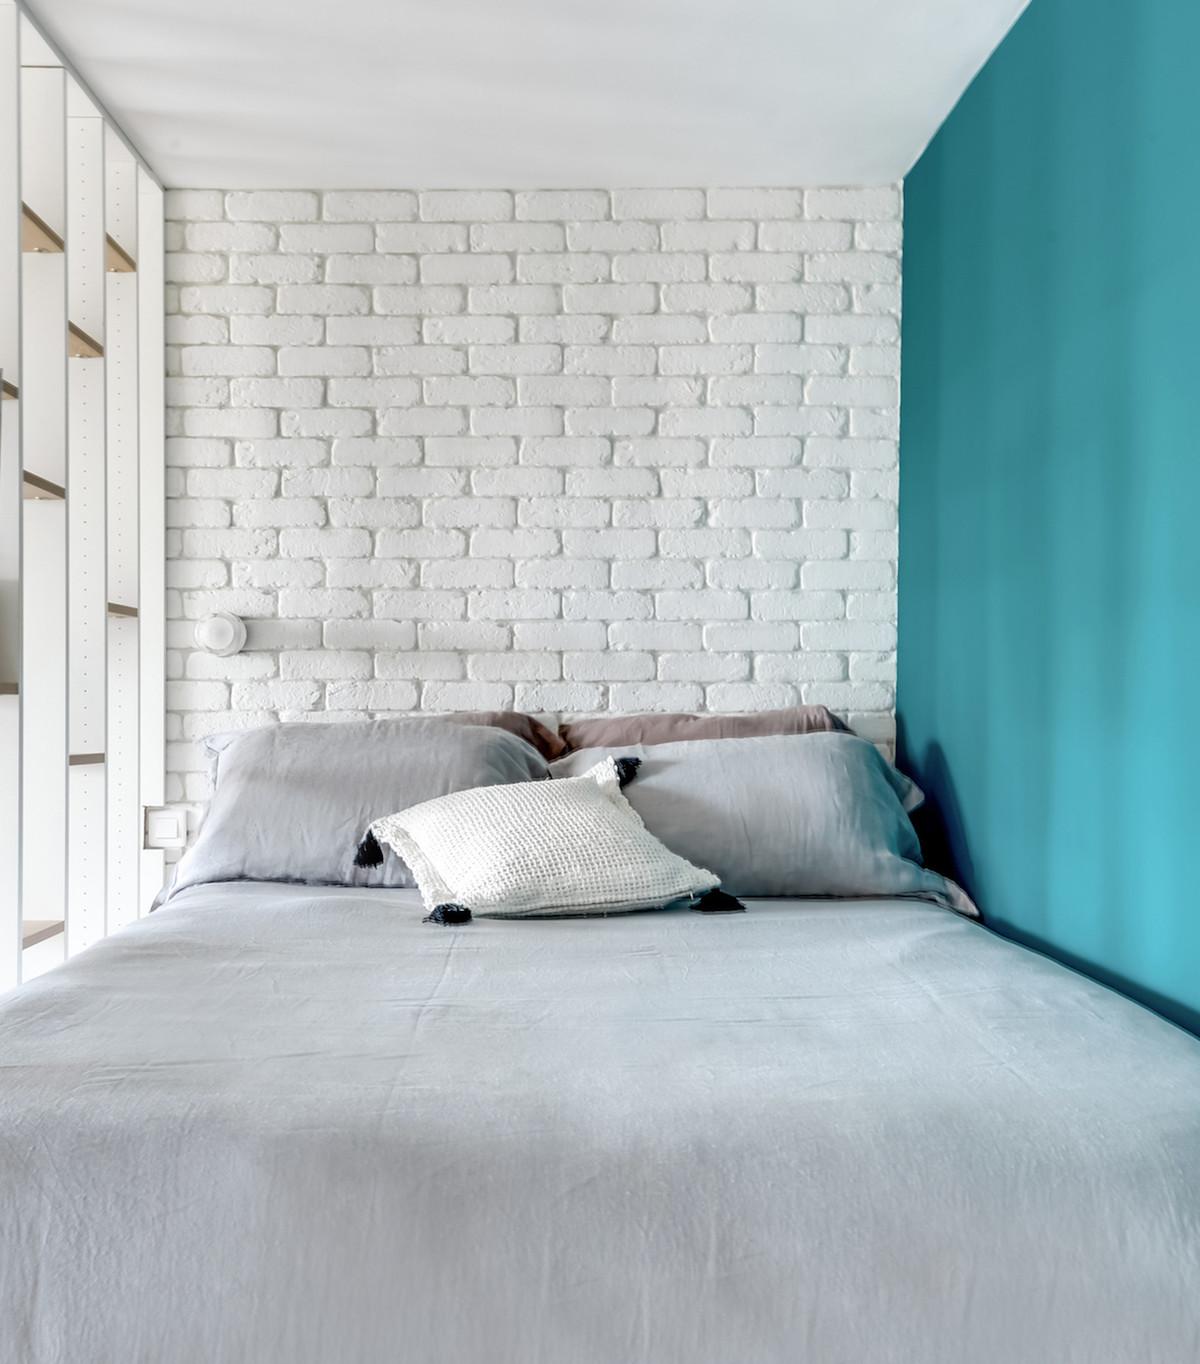 clemaroundthecorner chambre blanche turquoise lit gris étagère astuce optimisation espace